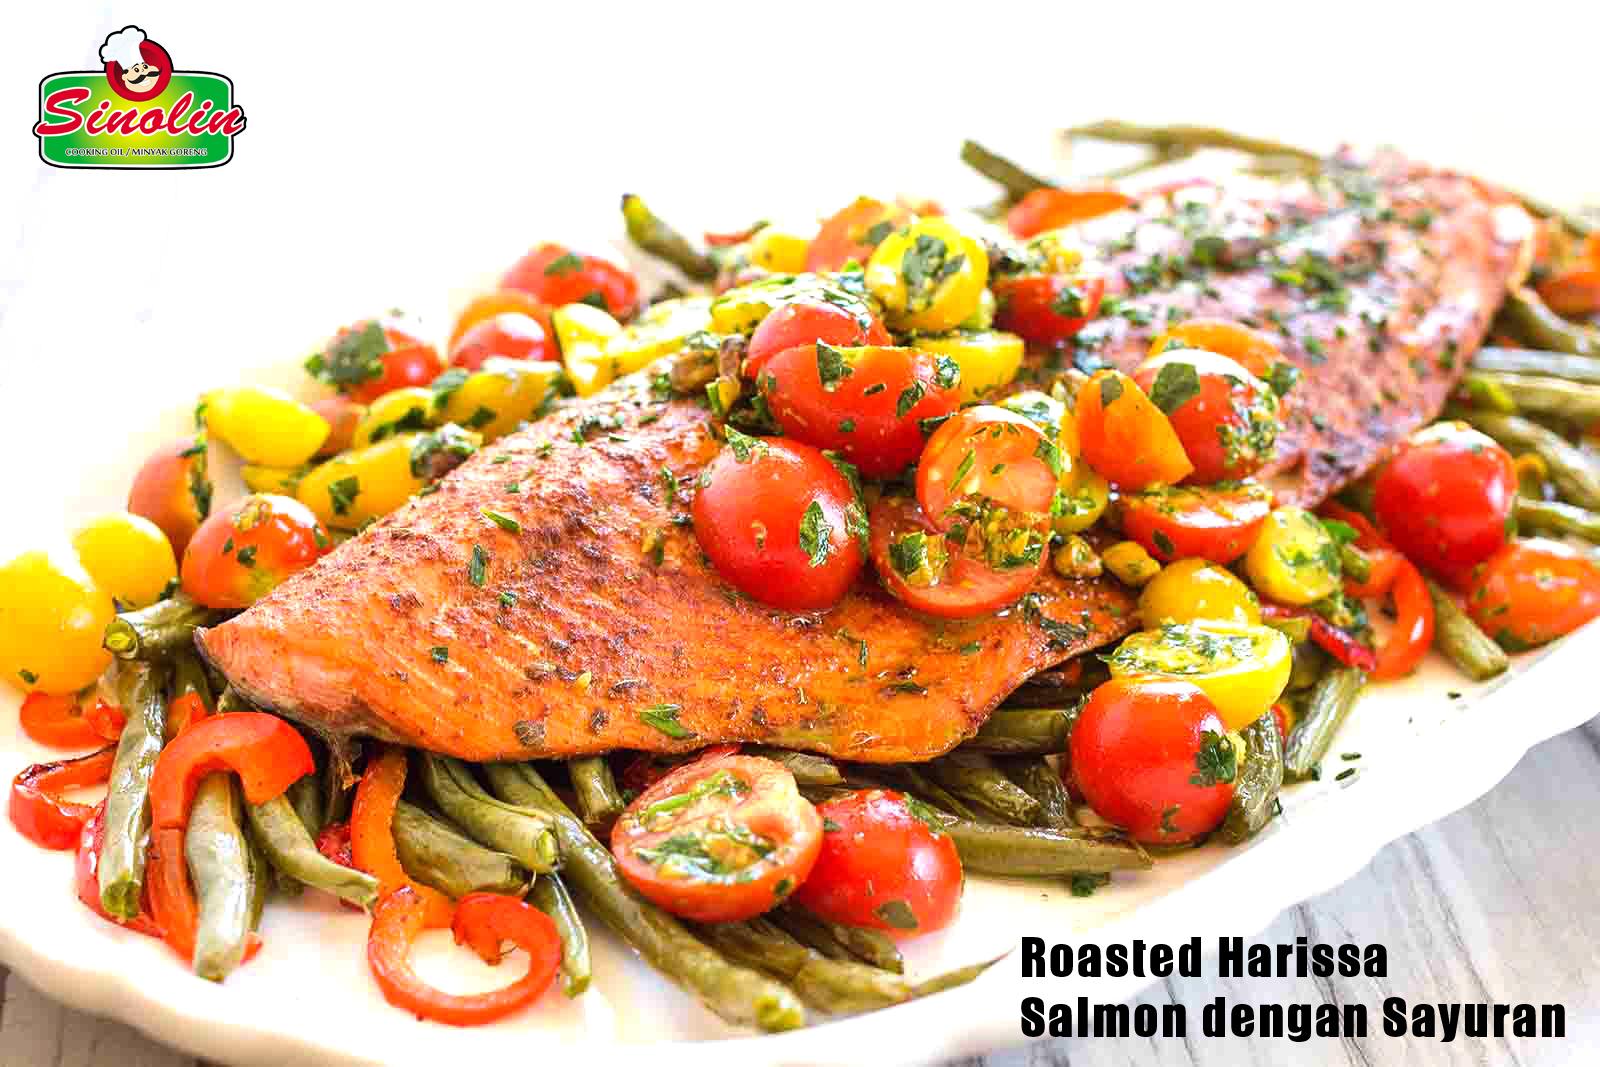 Roasted Harissa  Salmon dengan Sayuran oleh Dapur Sinolin